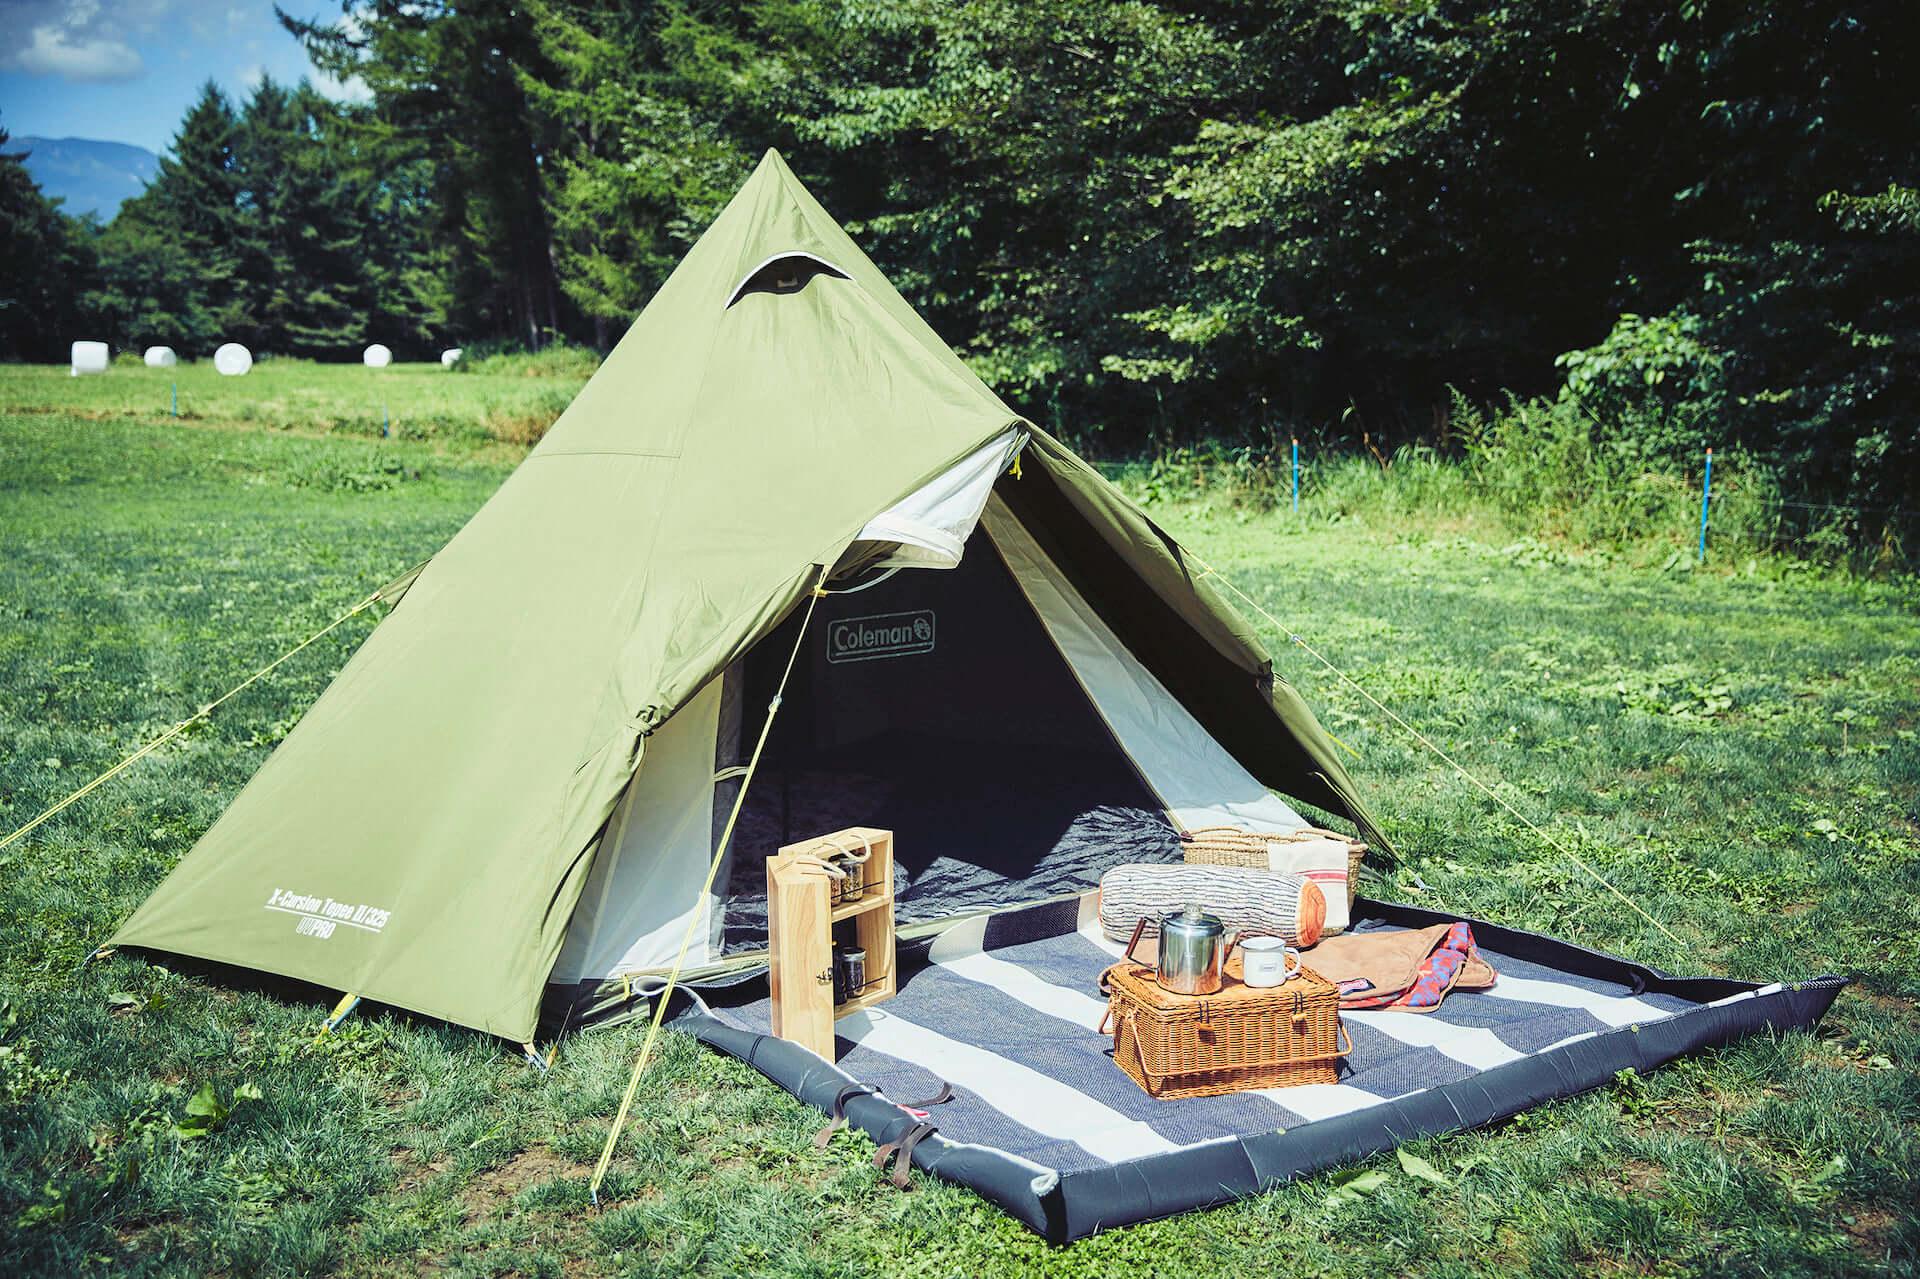 ソロキャンプにもおすすめなテント、ヘキサタープがコールマンから登場!『ツーリングドーム』『ヘキサライトⅡ』など全4種が発売決定 lf210114_coleman_3-1920x1279